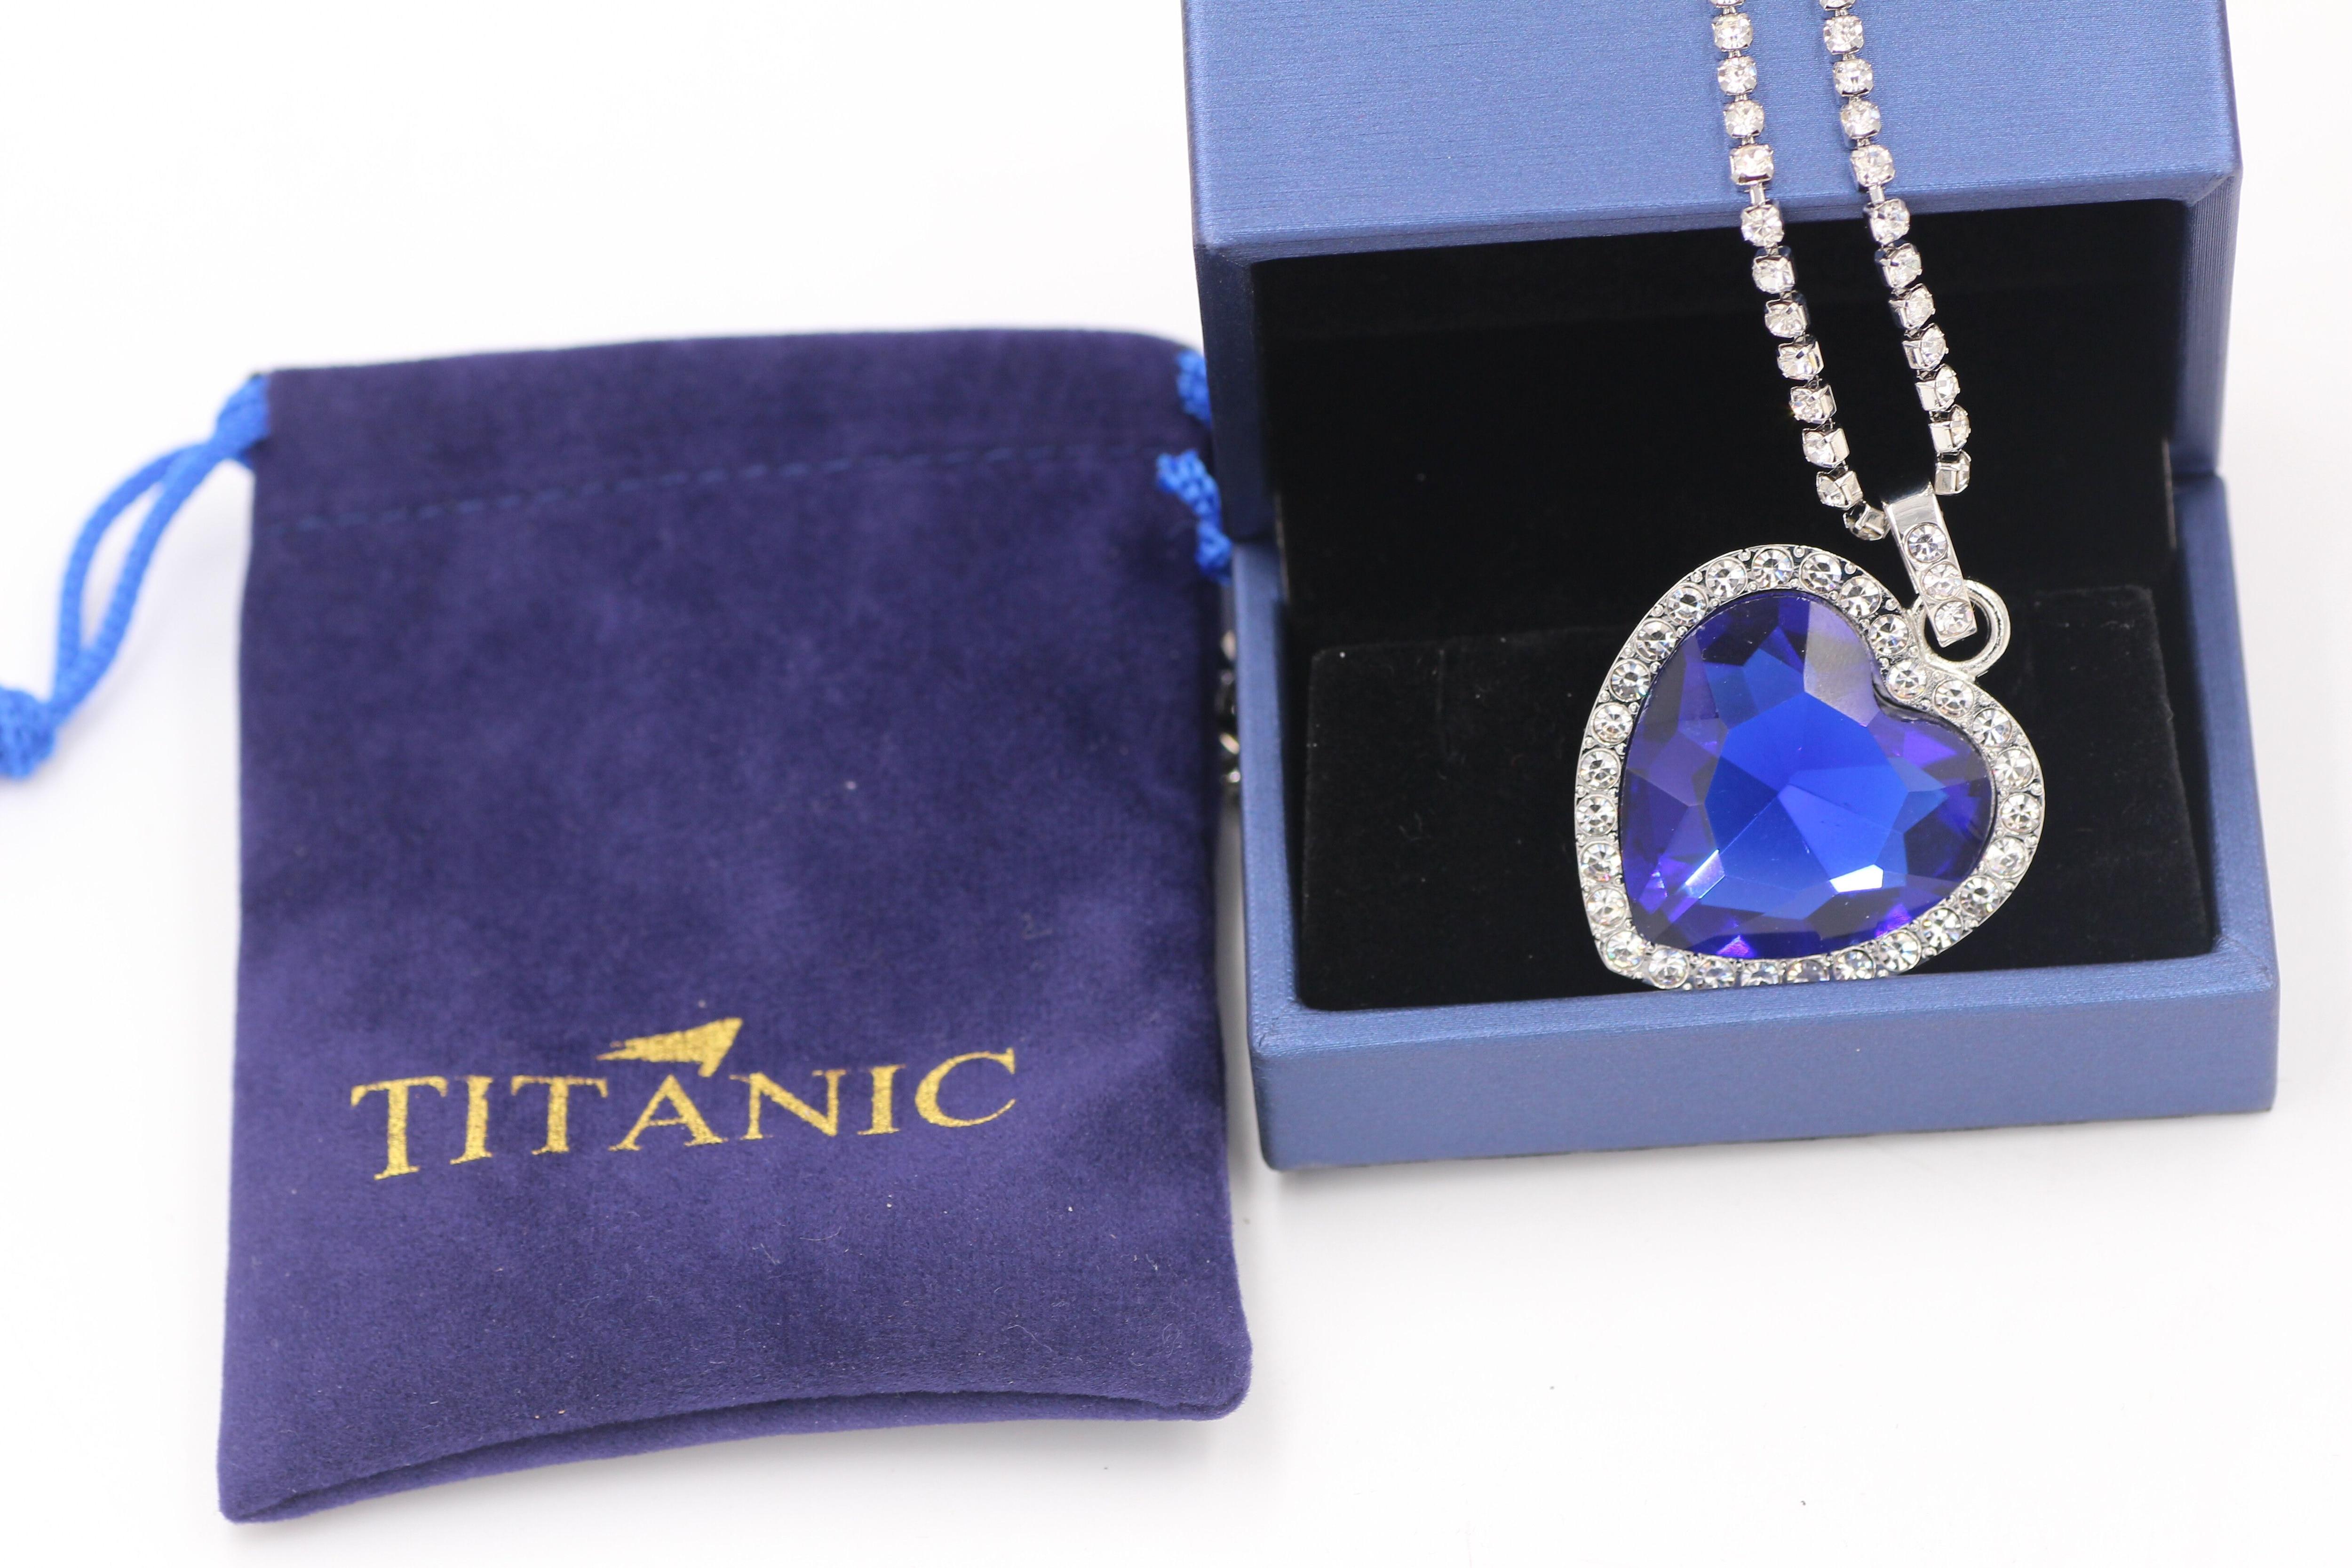 Titanic Heart of Ocean blue heart love forever pendant Necklace + velvet bag 3